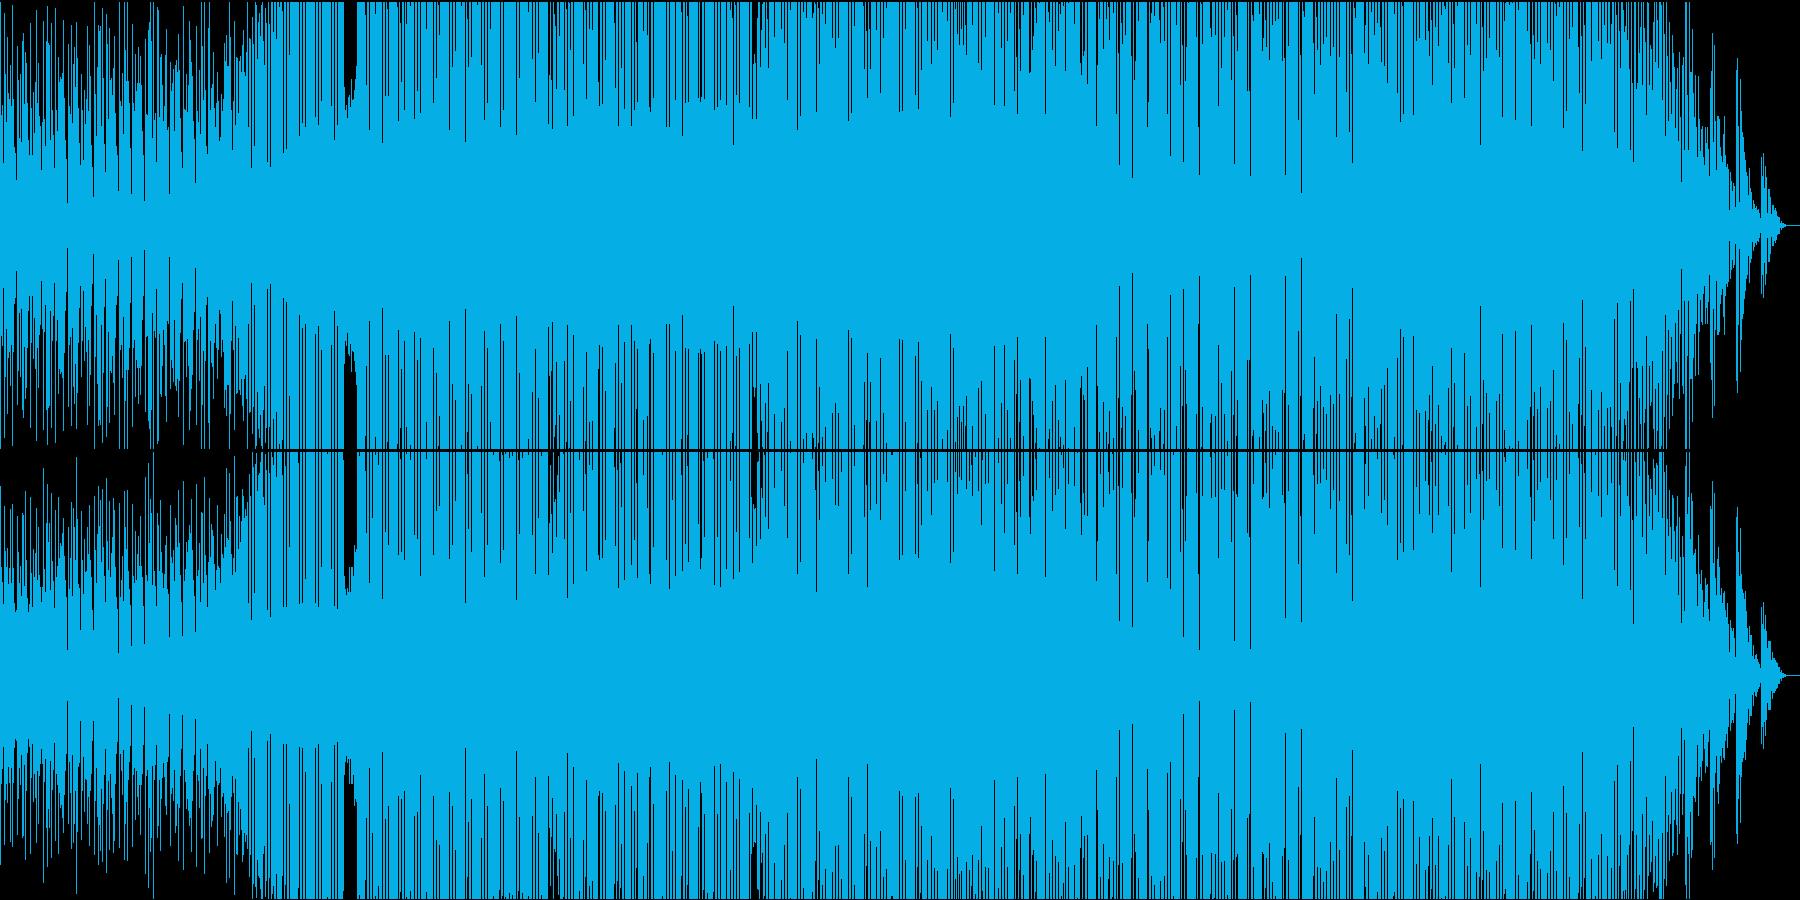 熱い時代を駆け抜けるバキバキビートの再生済みの波形